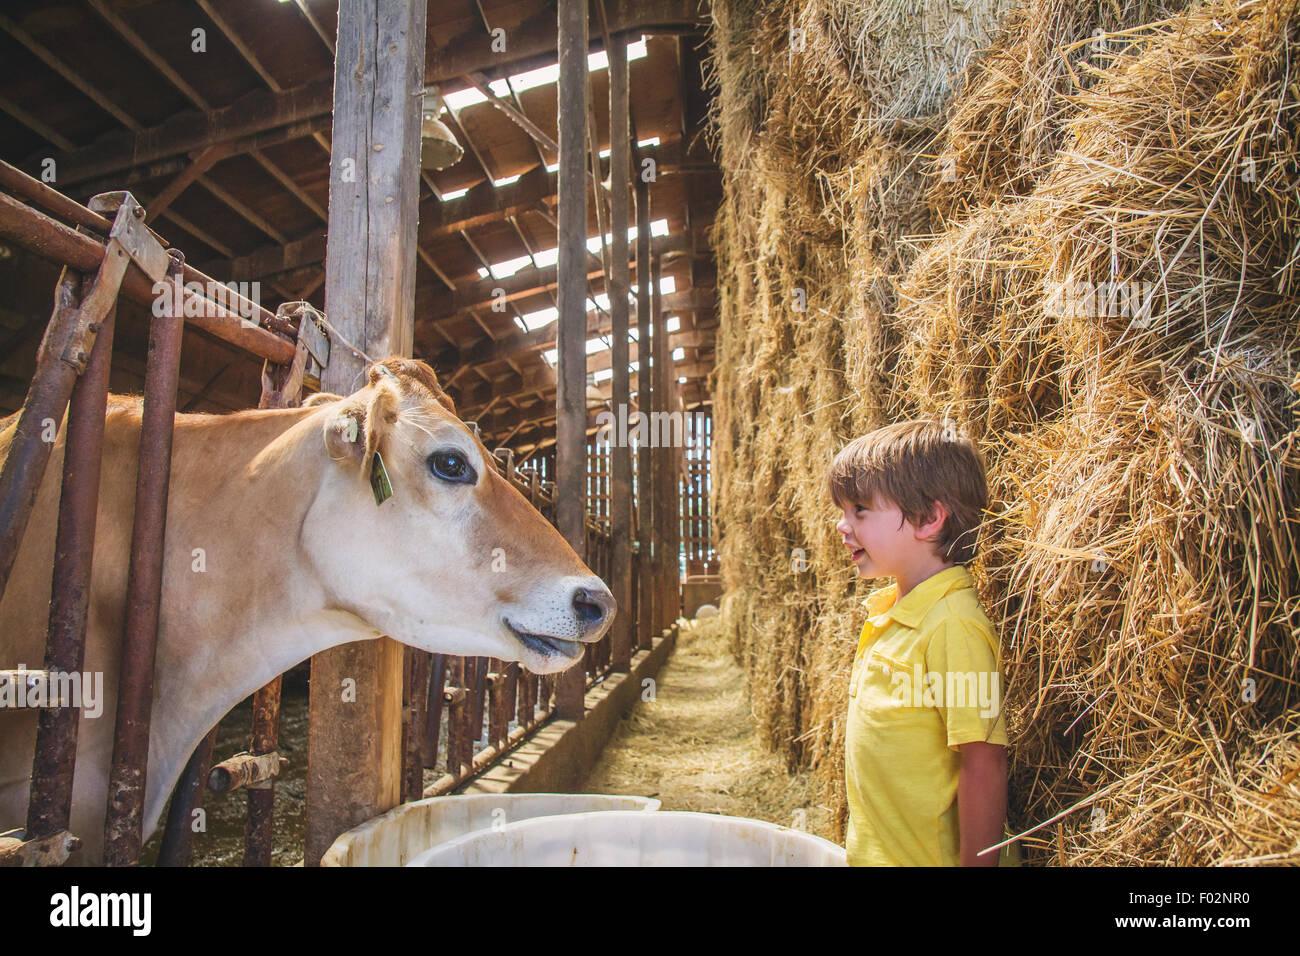 Ragazzo che guarda ad una mucca in una fase di stallo Immagini Stock